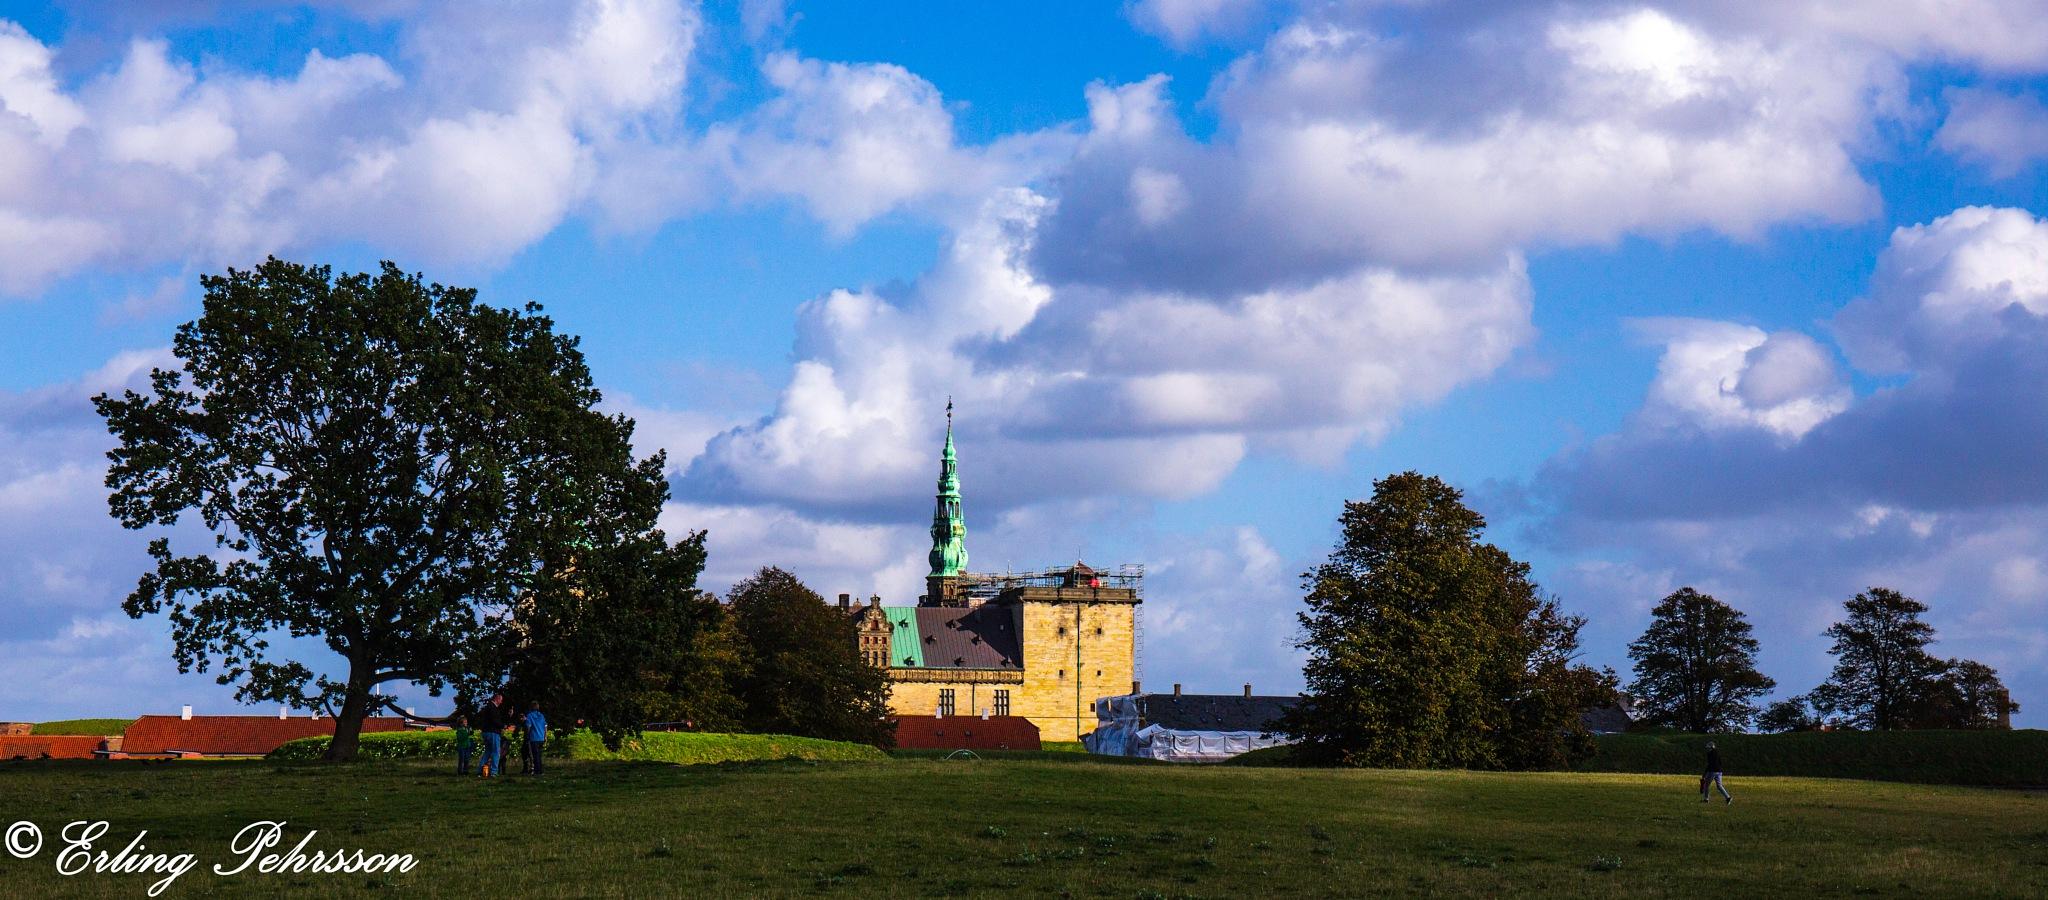 Kronborg slot Danmark  by erling.pehrsson